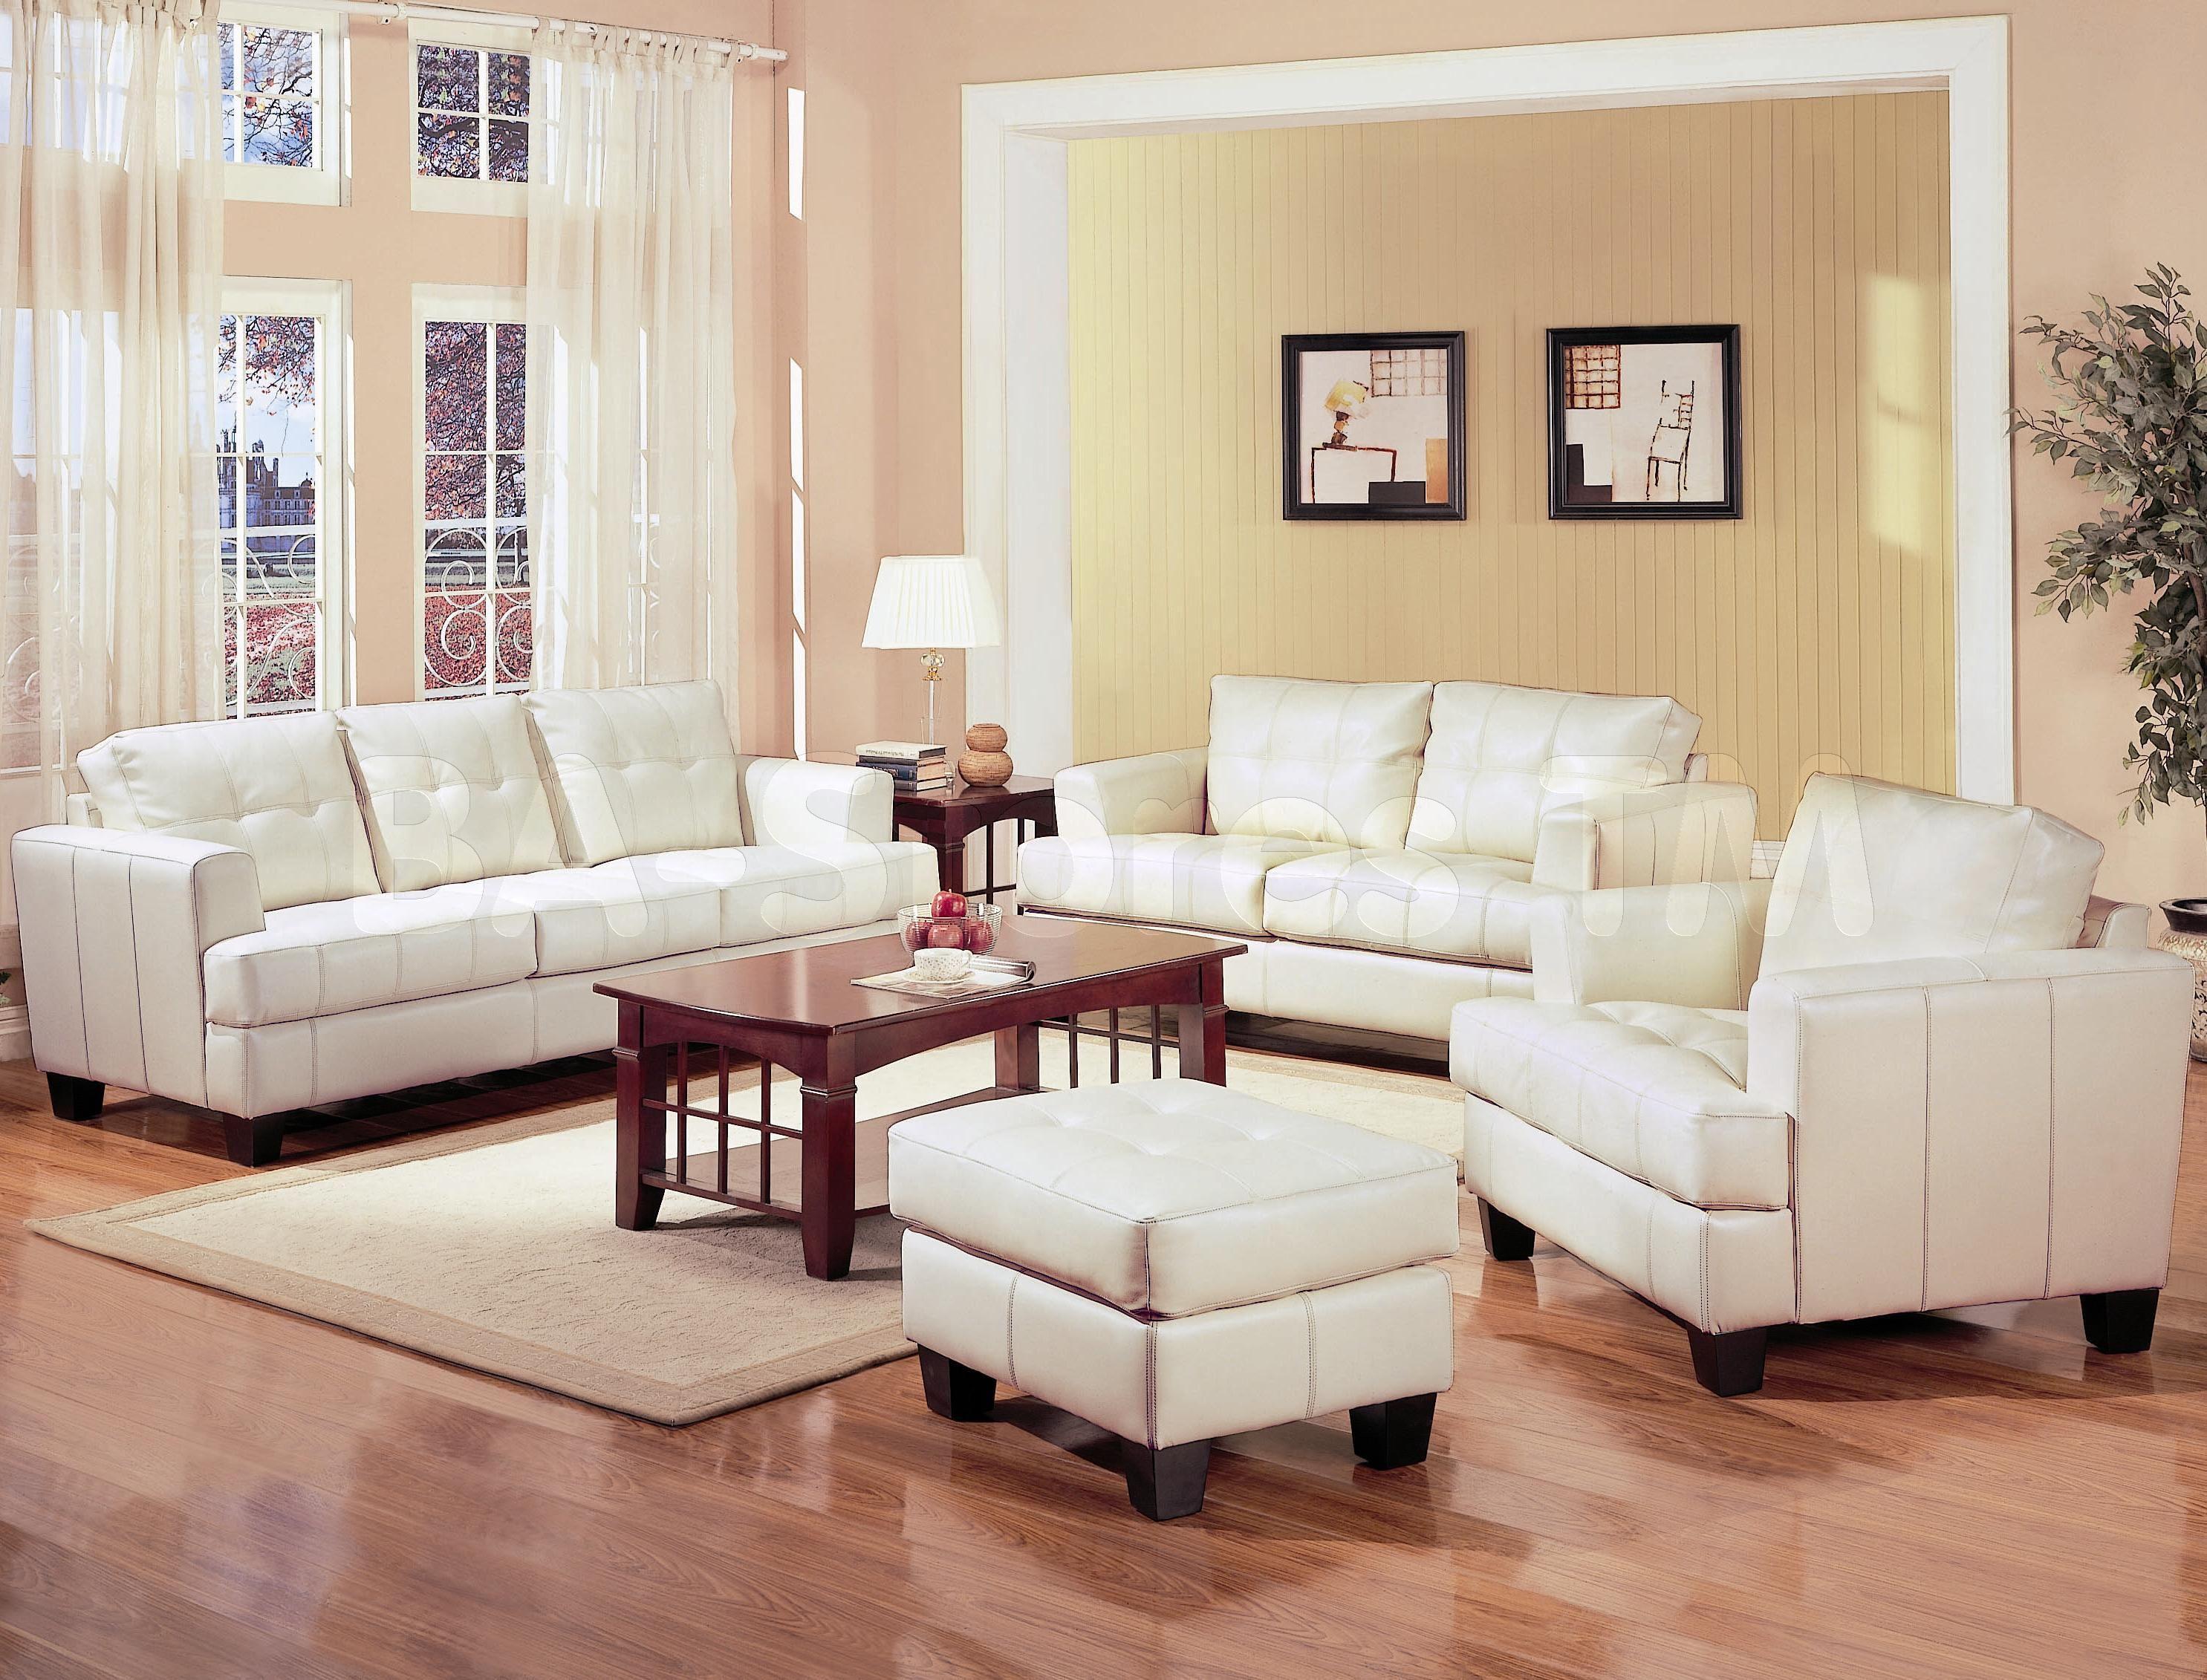 Weißen Stuhl Und Sofa Für Wohnzimmer